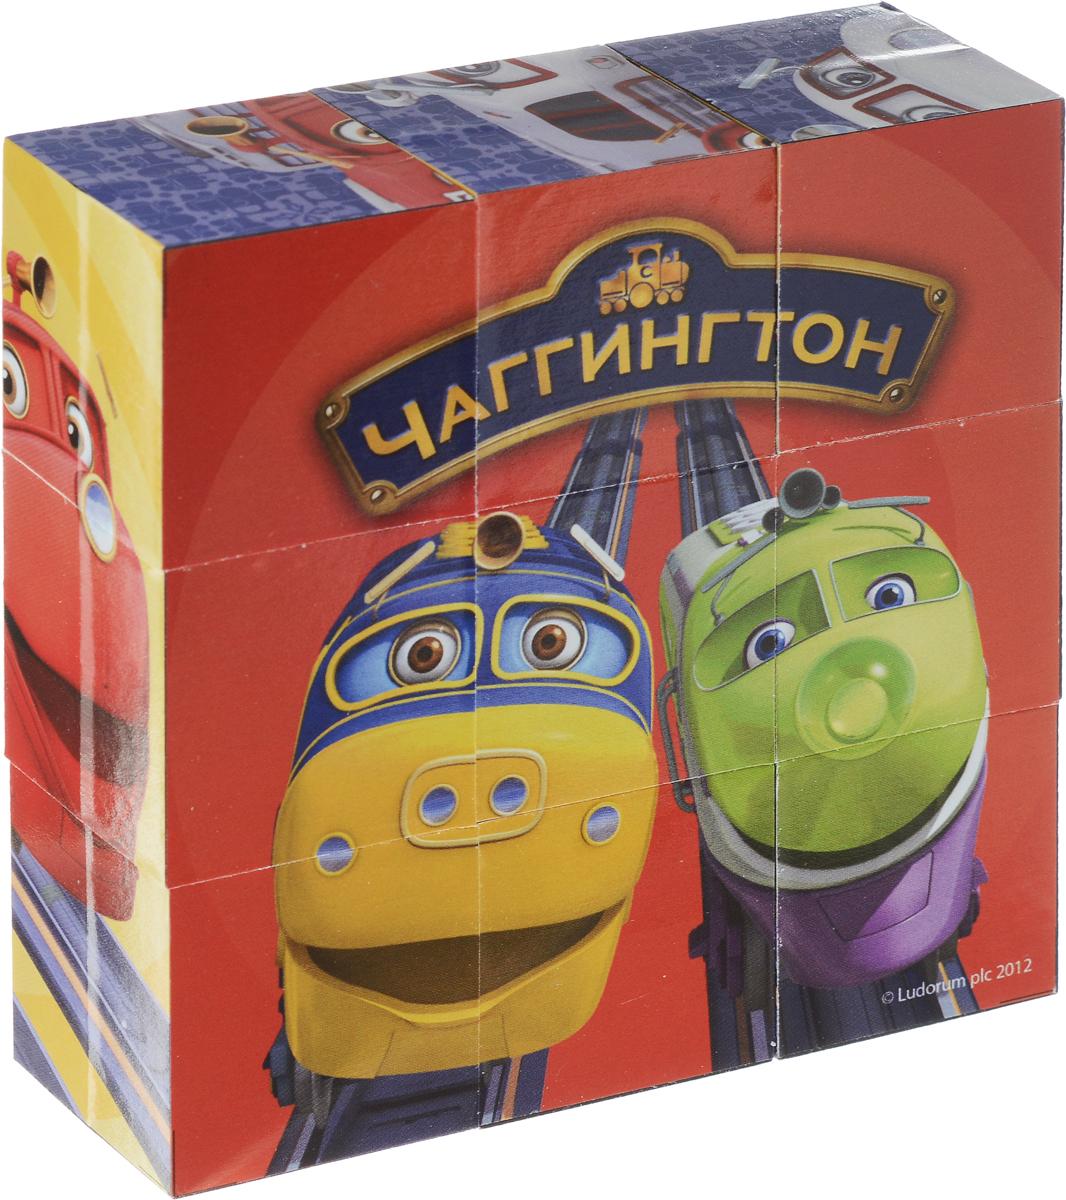 Играем вместе Набор кубиков Чаггингтон 9 шт набор кубиков играем вместе чаггингтон от 3 лет 9 шт